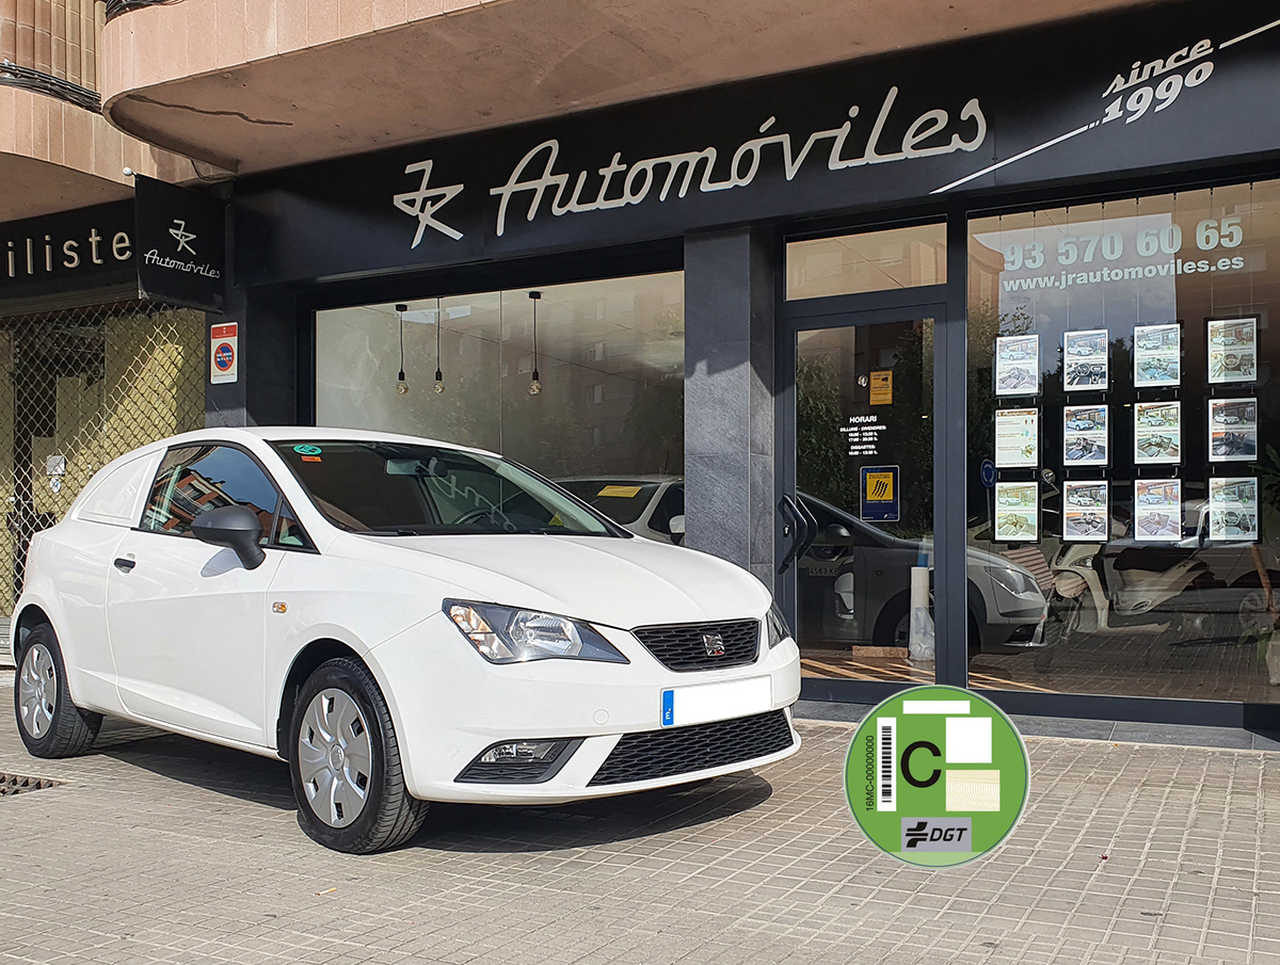 Seat Ibiza COMERCIAL 1.4 TDI 75CV. 3P MUY BUEN ESTADO Y POCOS KM.  - Foto 1